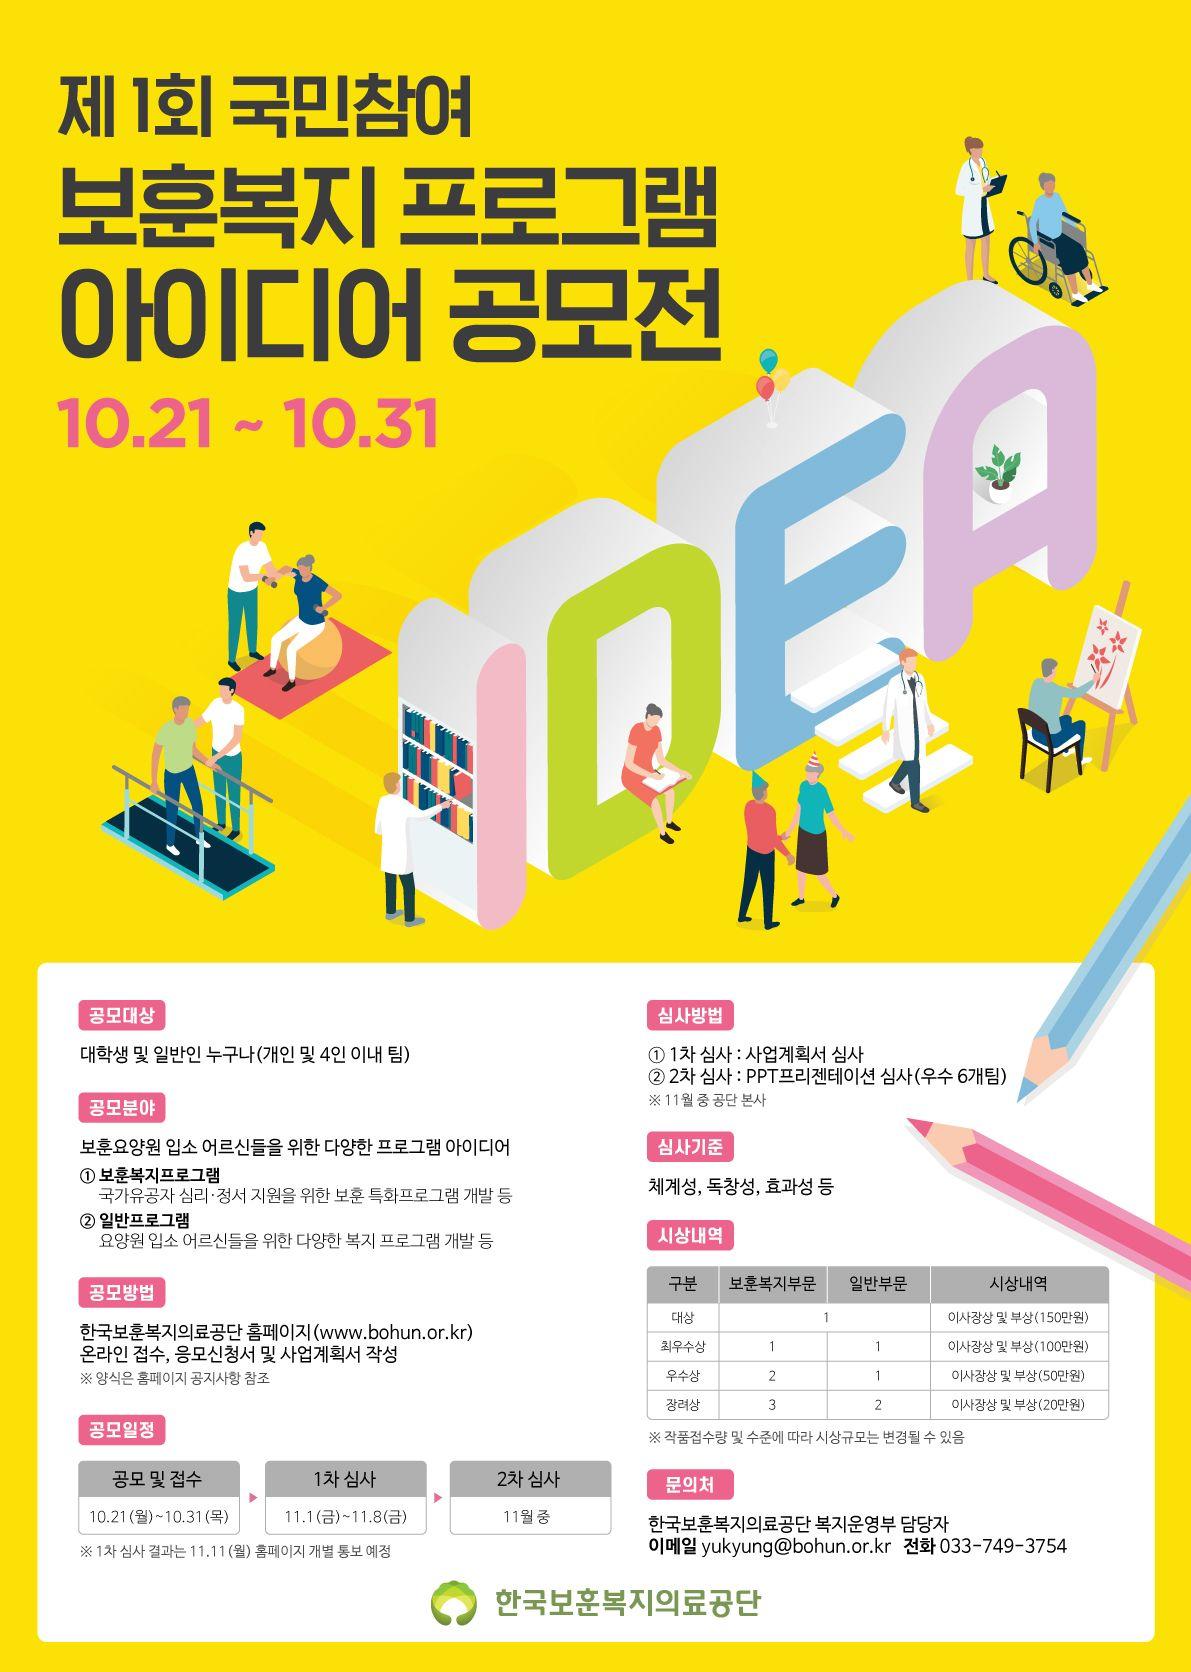 한국보훈복지의료공단 국민참여 보훈복지 프로그램 제1회 아이디어 공모전